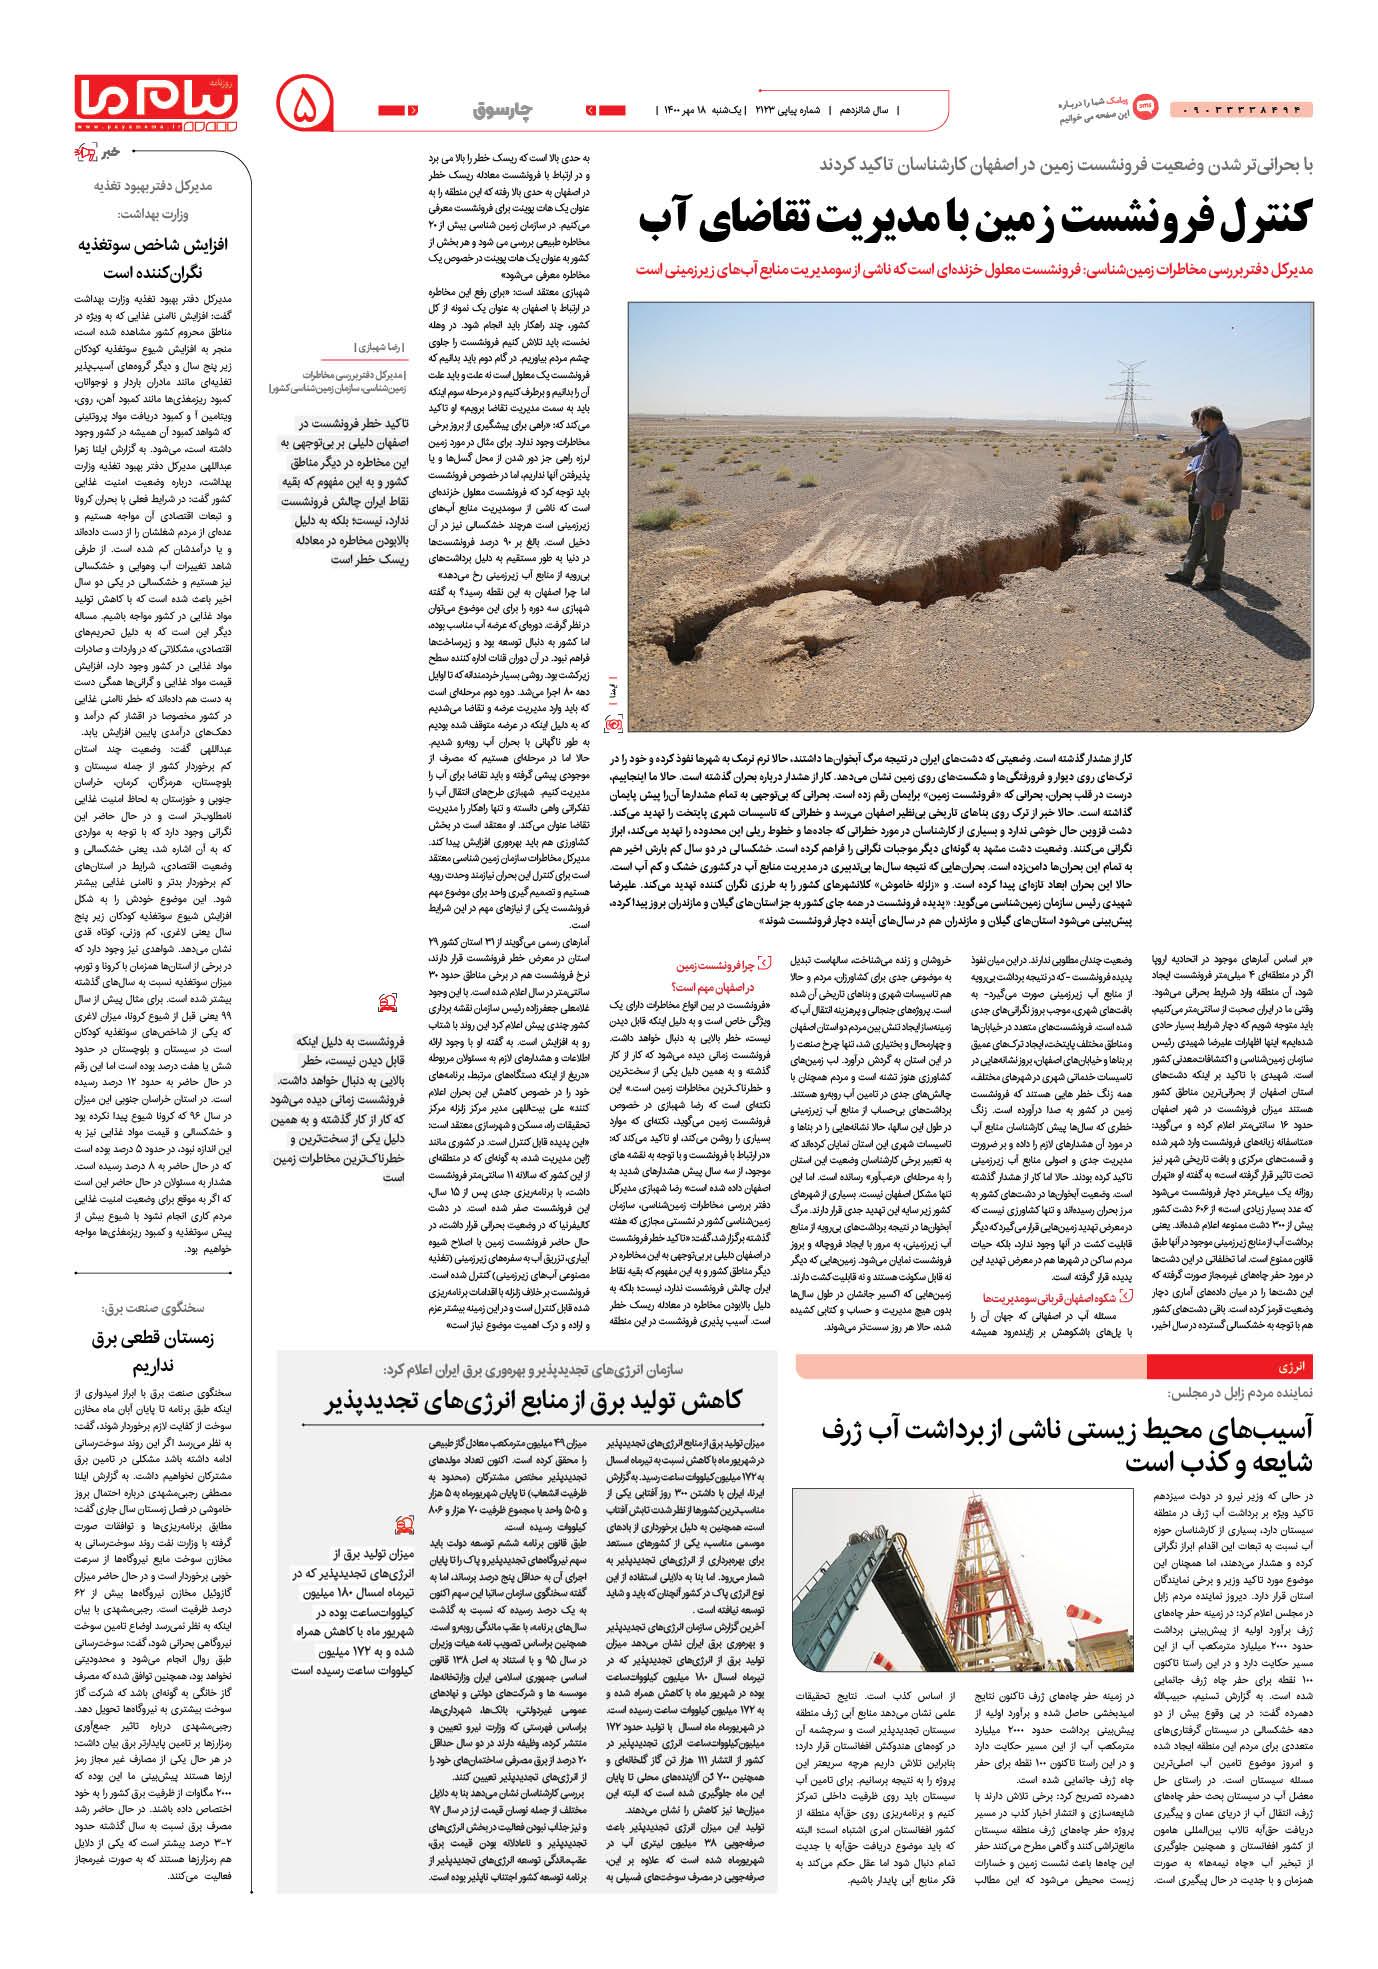 صفحه چارسوق شماره 2123 روزنامه پیام ما